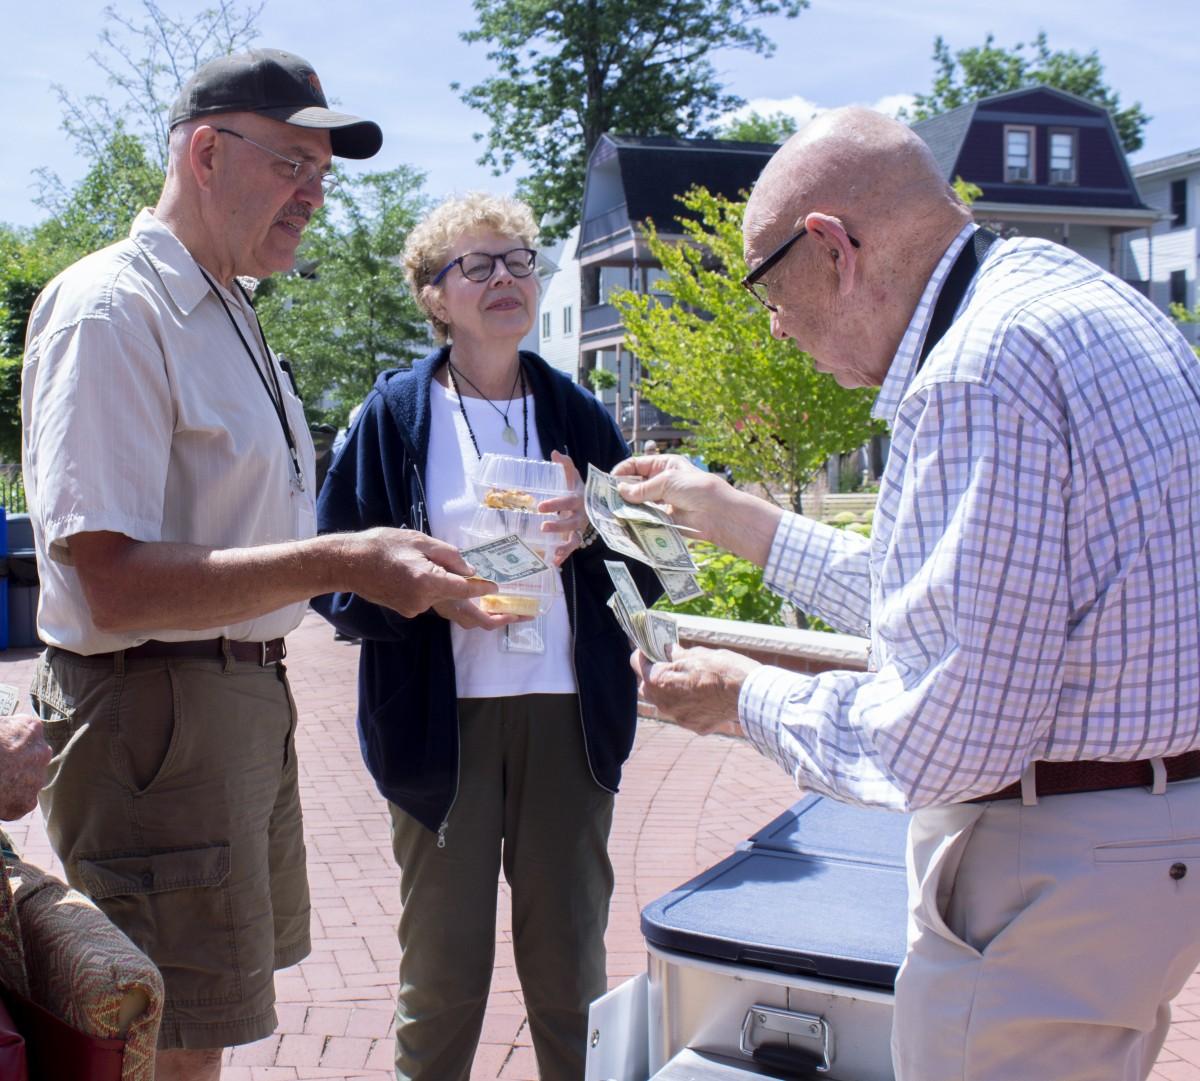 King of Tarts' Herb Keyser to Host Charitable Baking